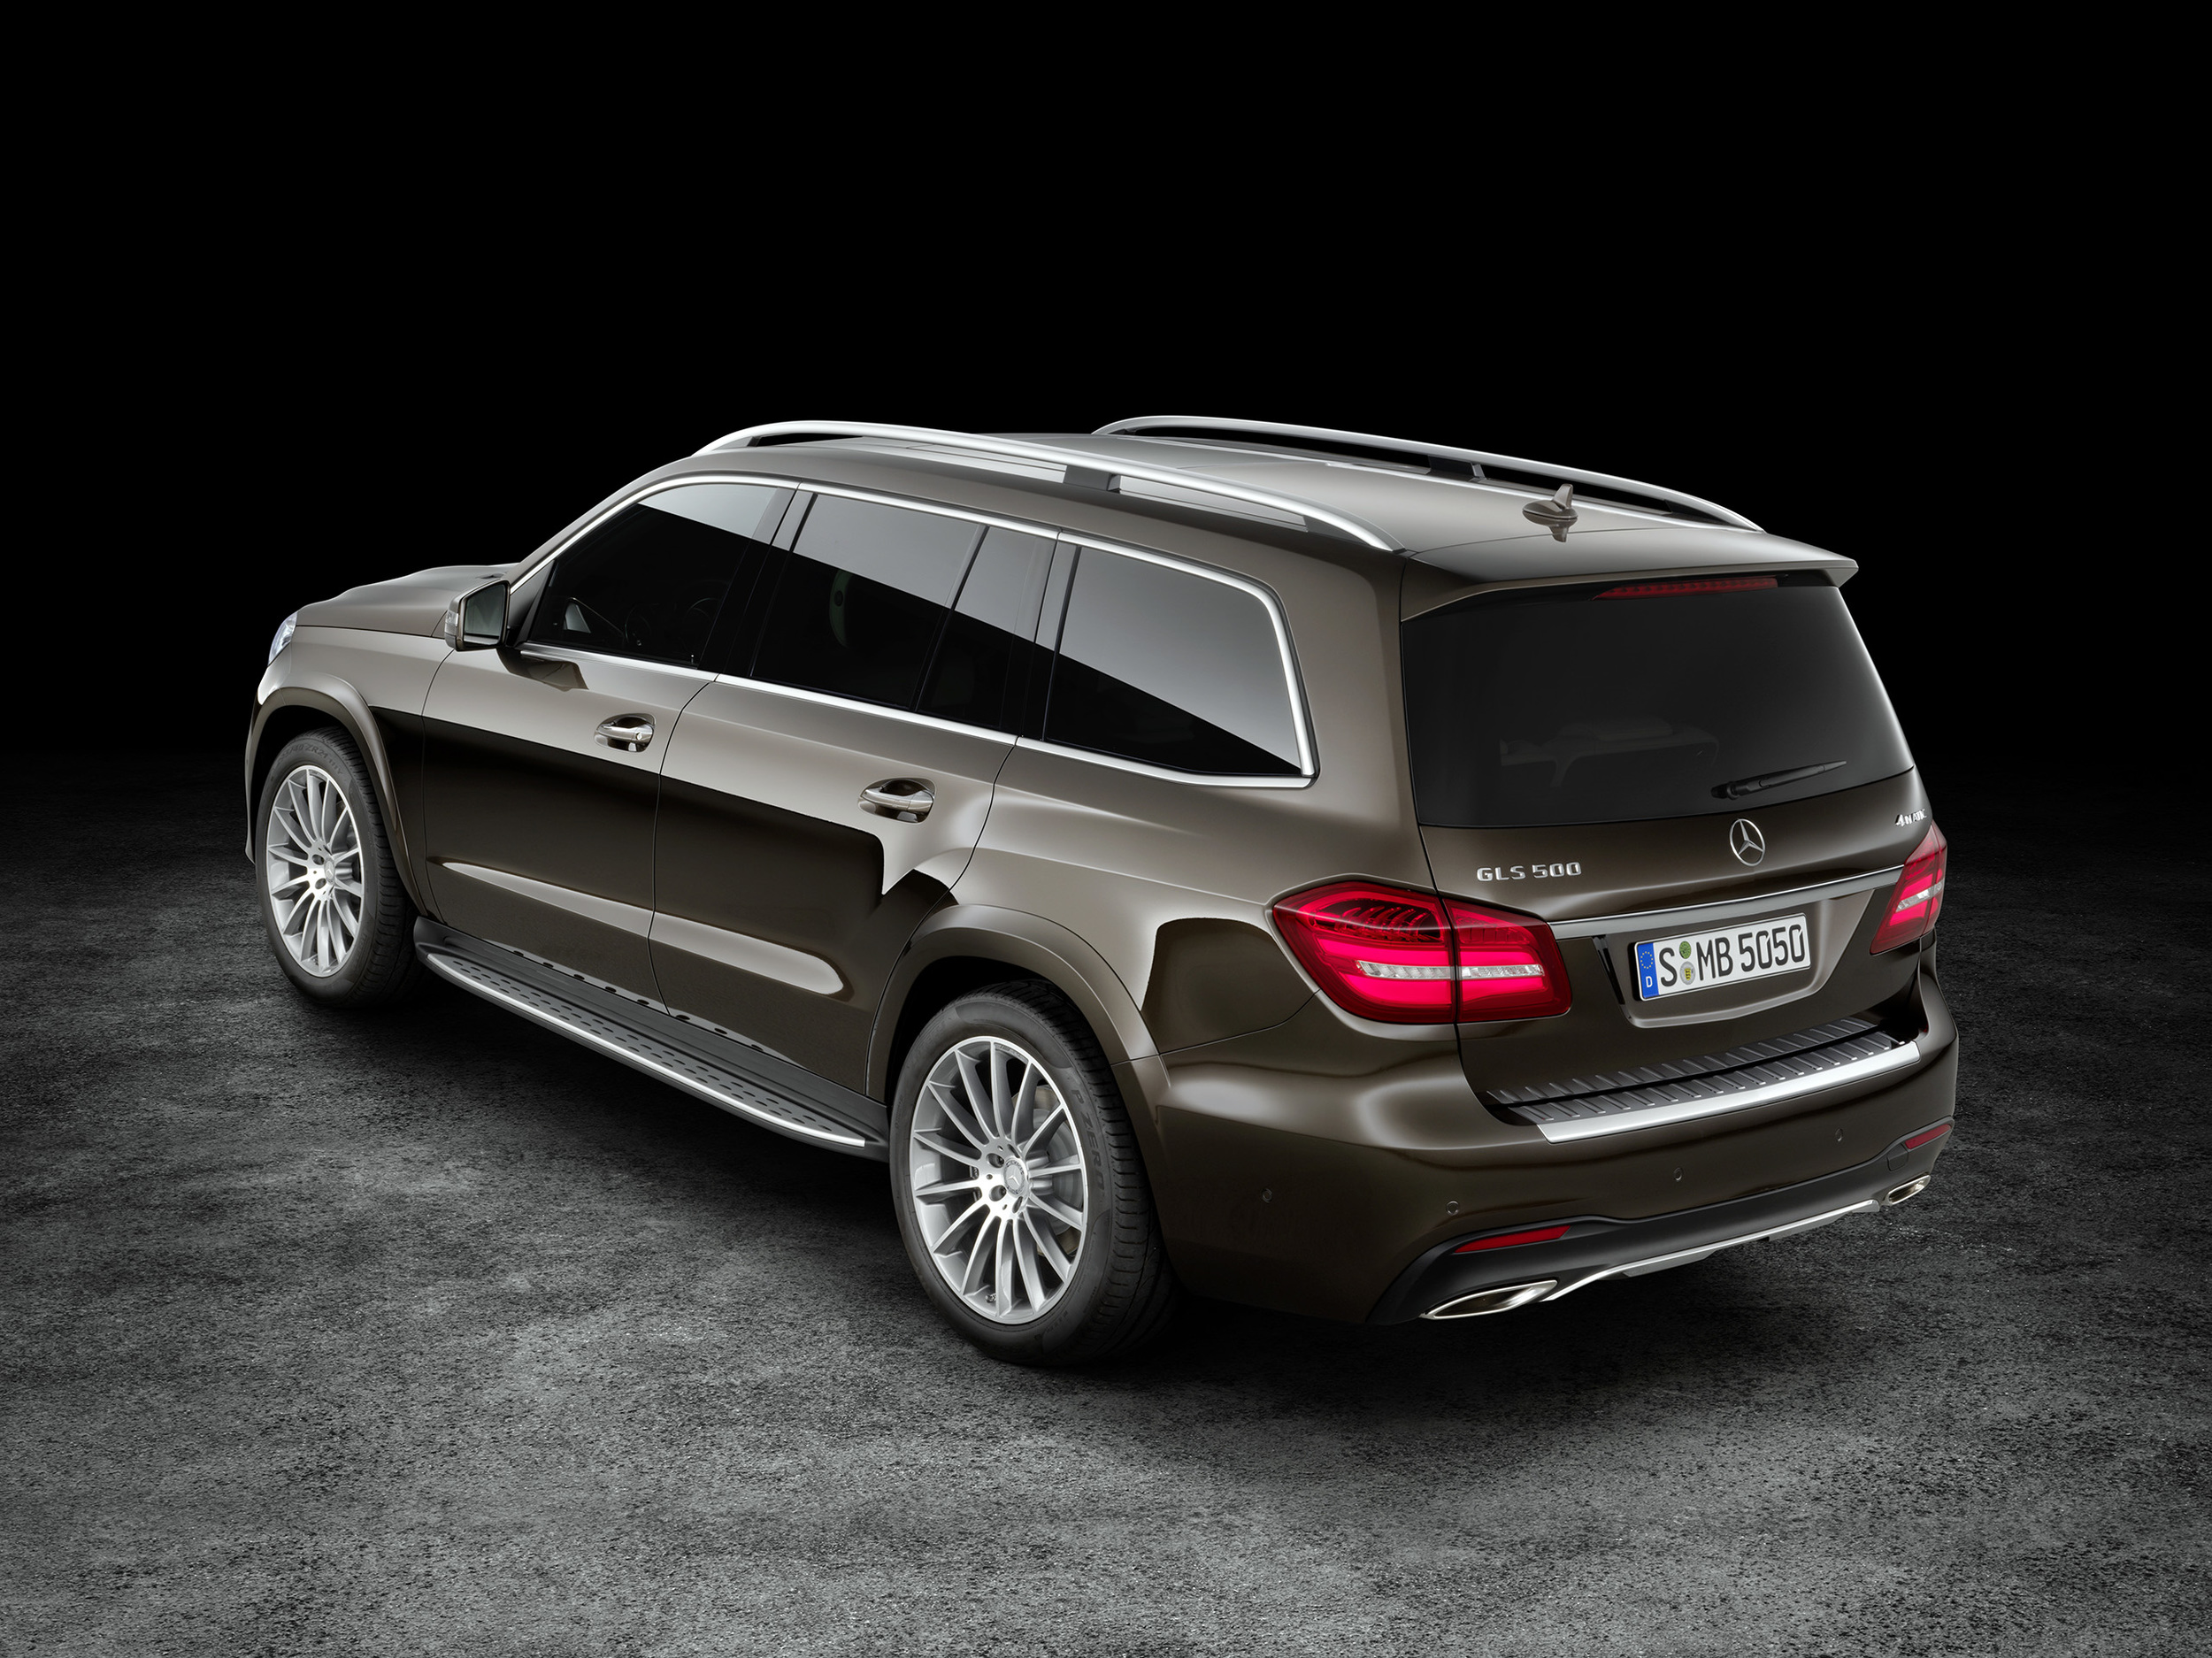 Mercedes unveils new GLS SUV